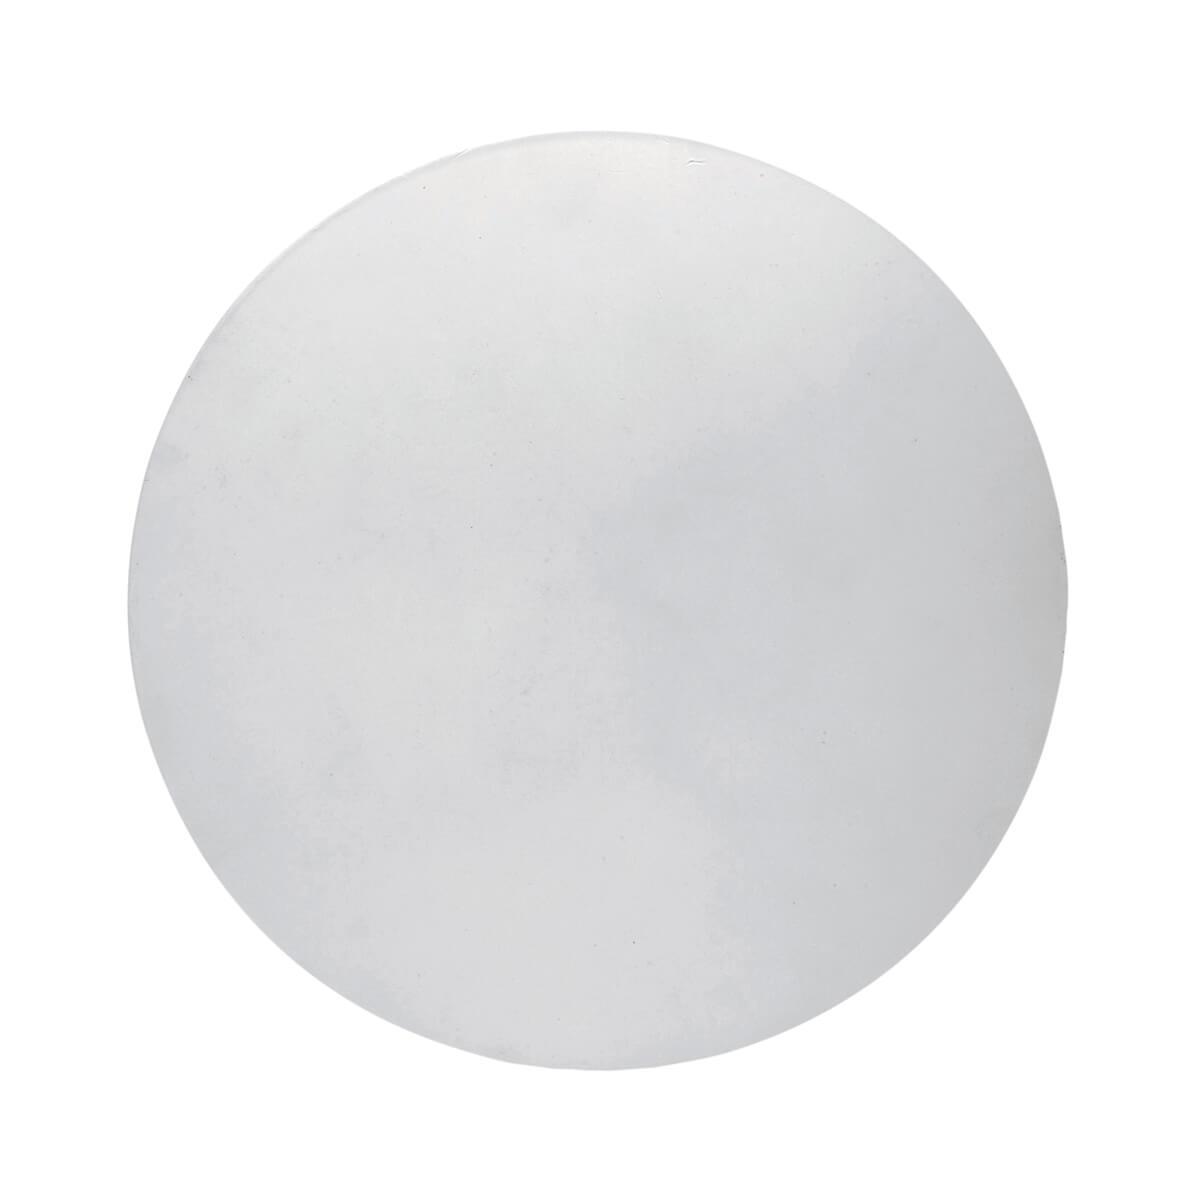 Светильник Mantra C0101 Bora bora